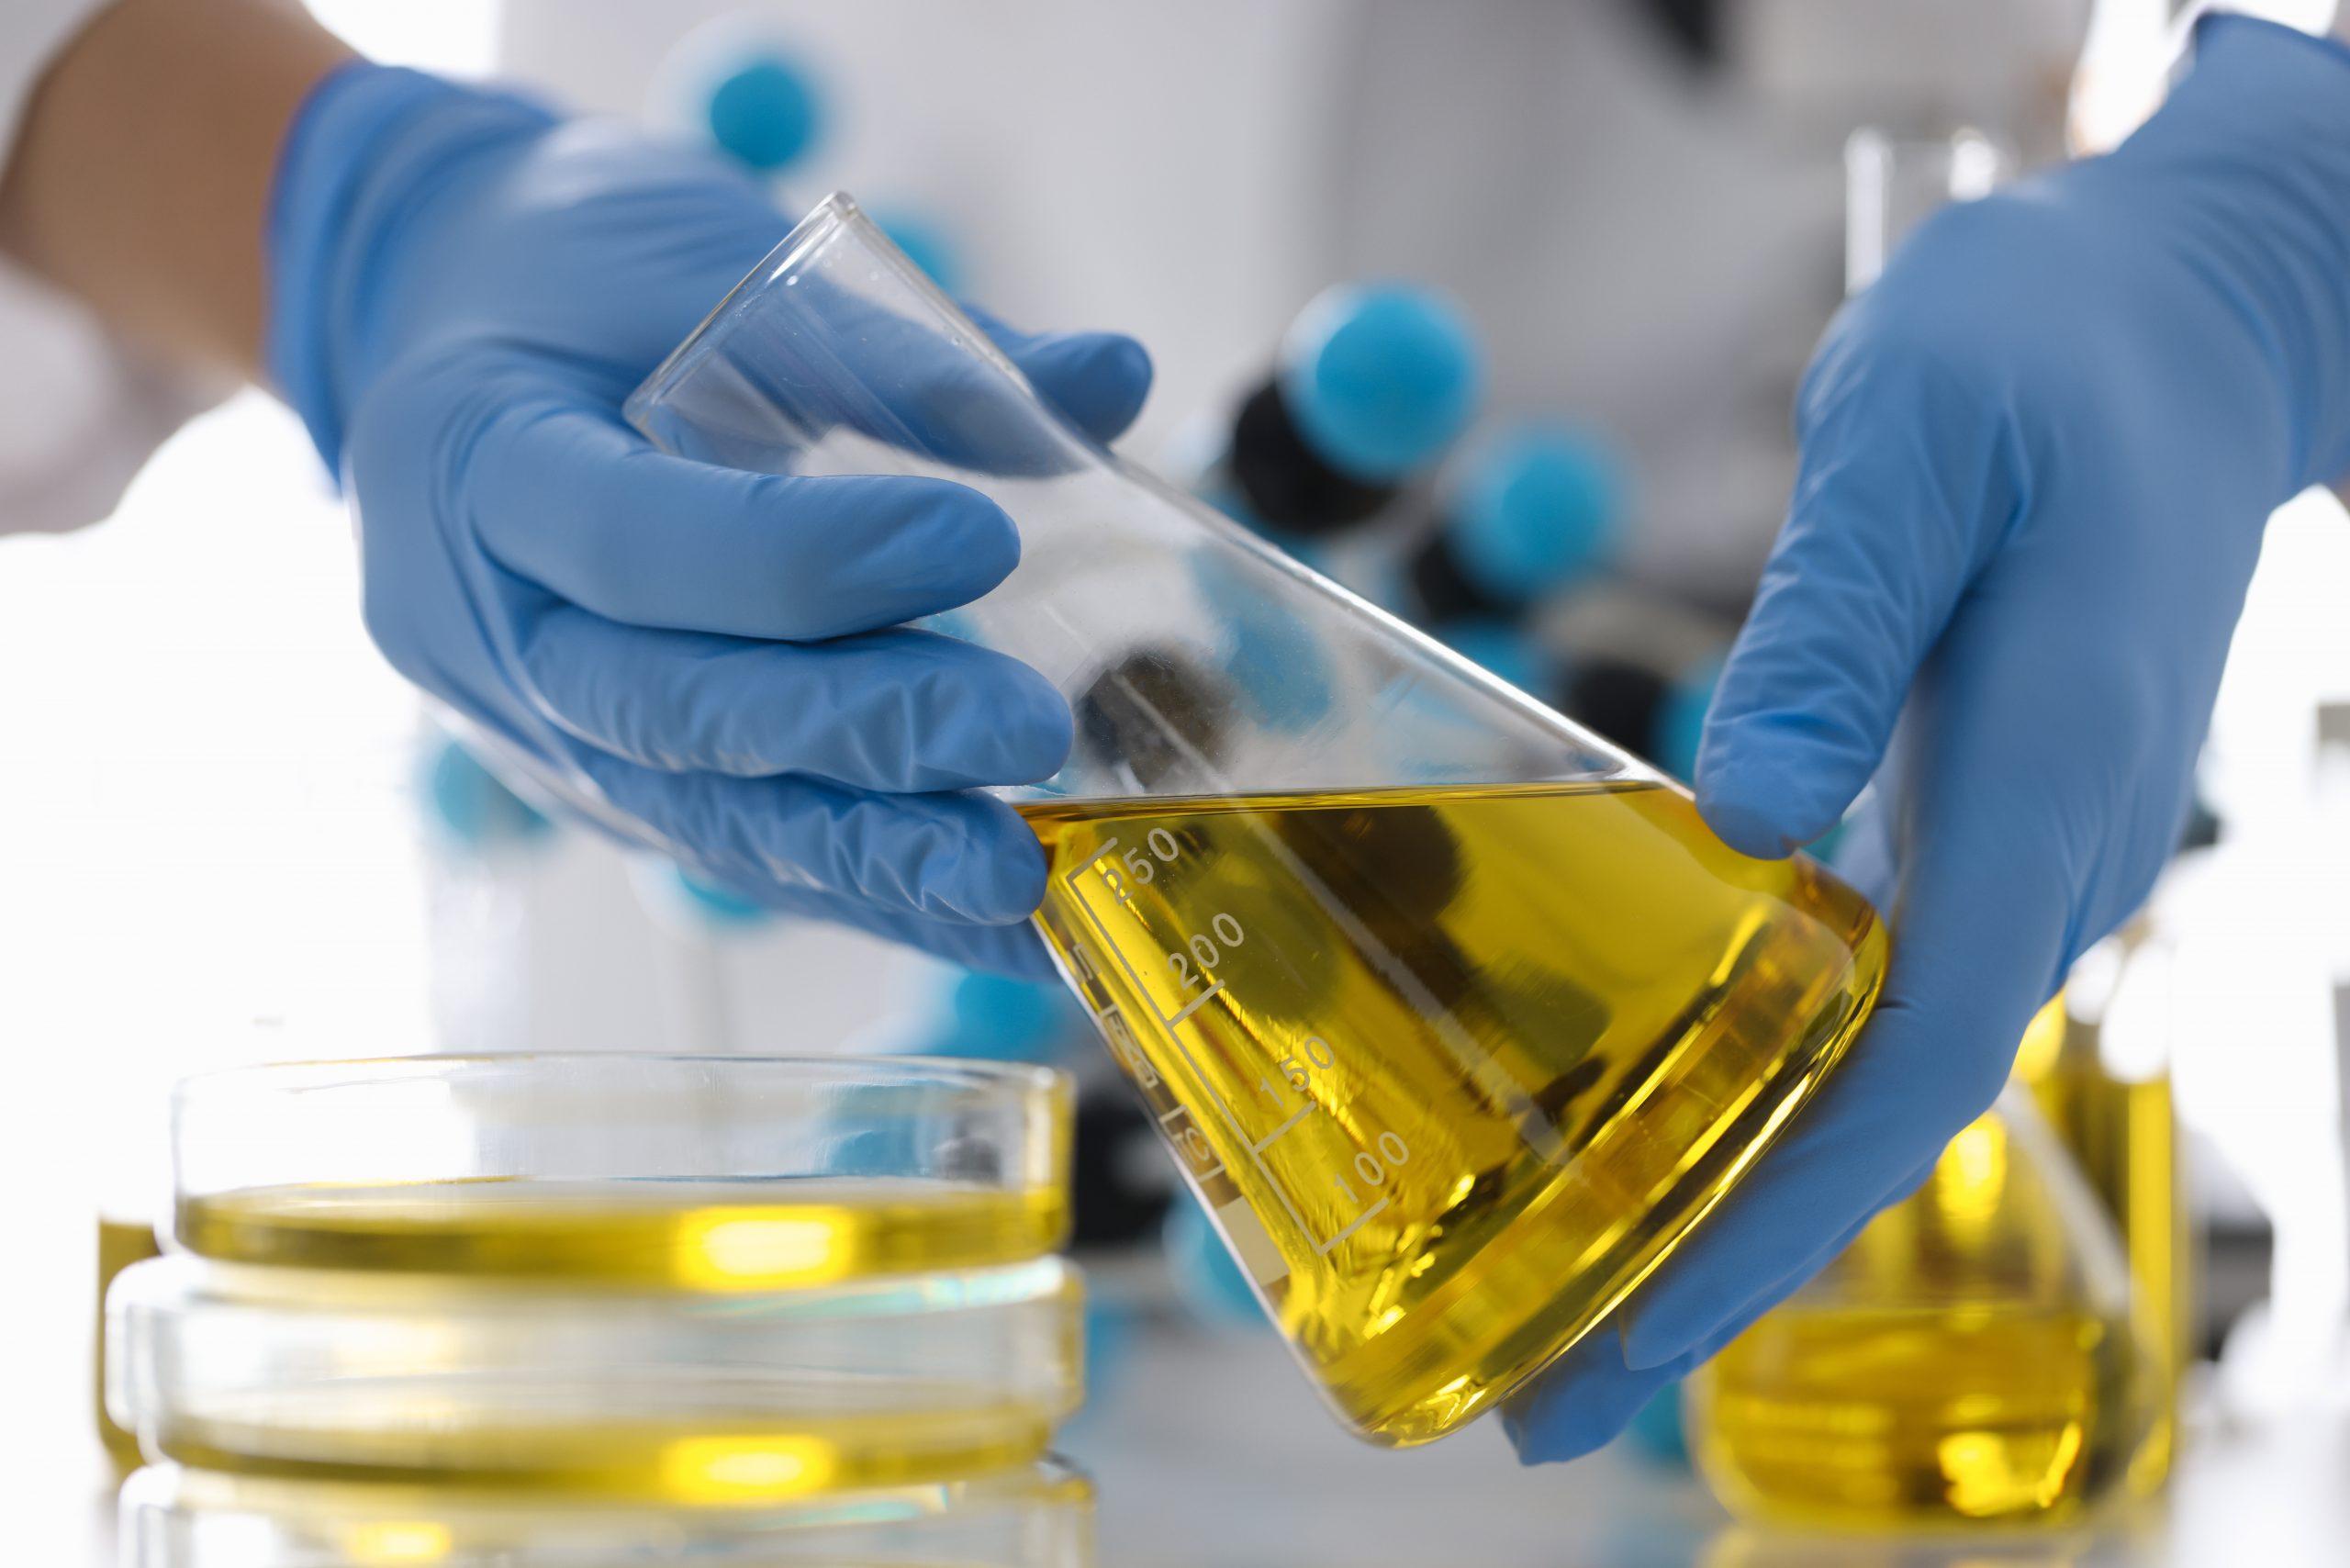 maos em luvas de borracha seguram frasco com liquido amarelo em laboratorio quimico indicando controle de qualidade na industria de refino de petroleo